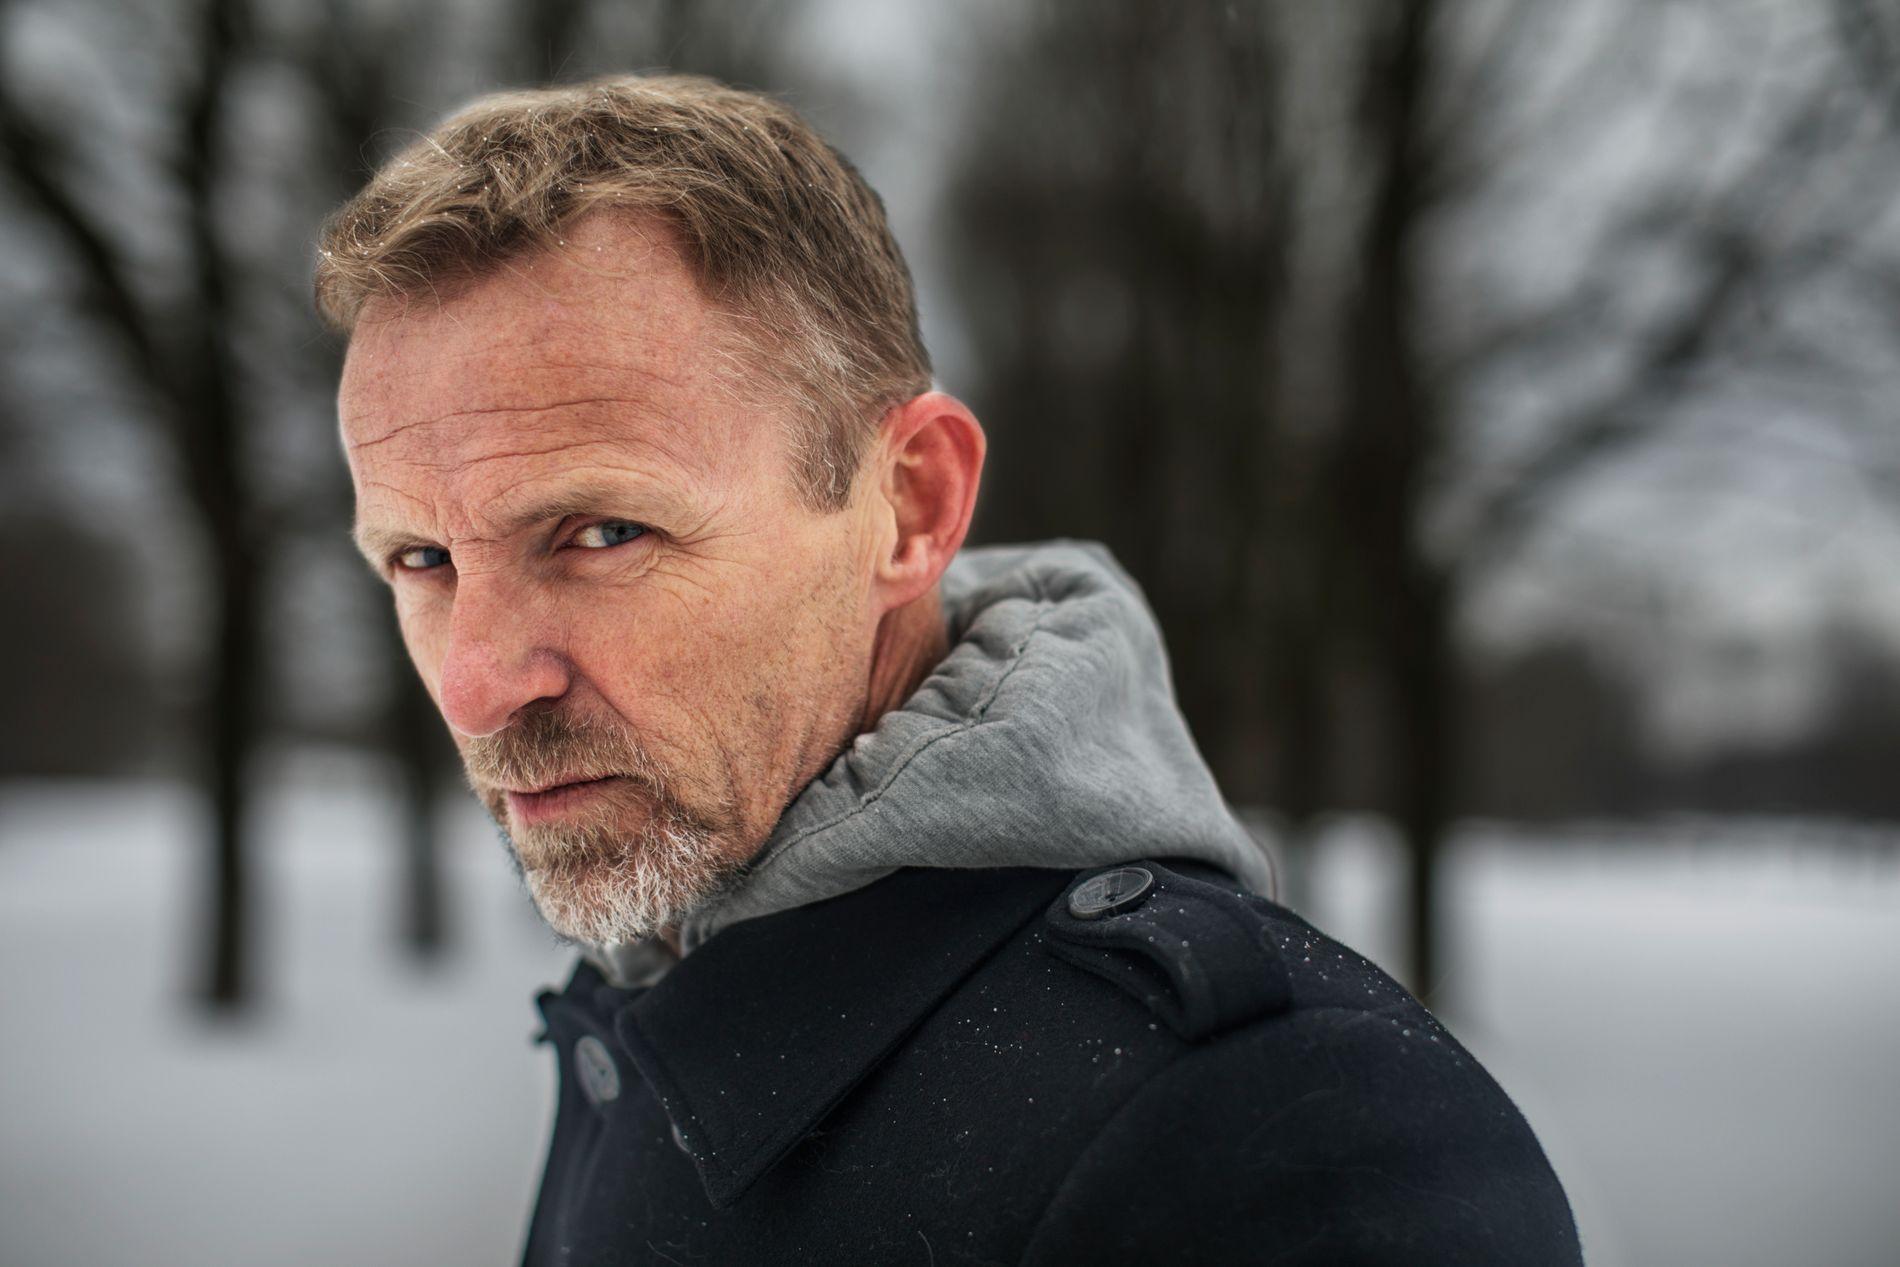 NEI TIL STORDALEN: Jo Nesbø (57) sier at han sitter trygt på tribunen som tilskuer når det gjelder Stordalens inntreden i bokbransjen. Torsdag kommer hans versjon av Shakespeares «Macbeth» -  men selv er han langt inn i neste Harry Hole-bok - som trolig er slutten på serien.